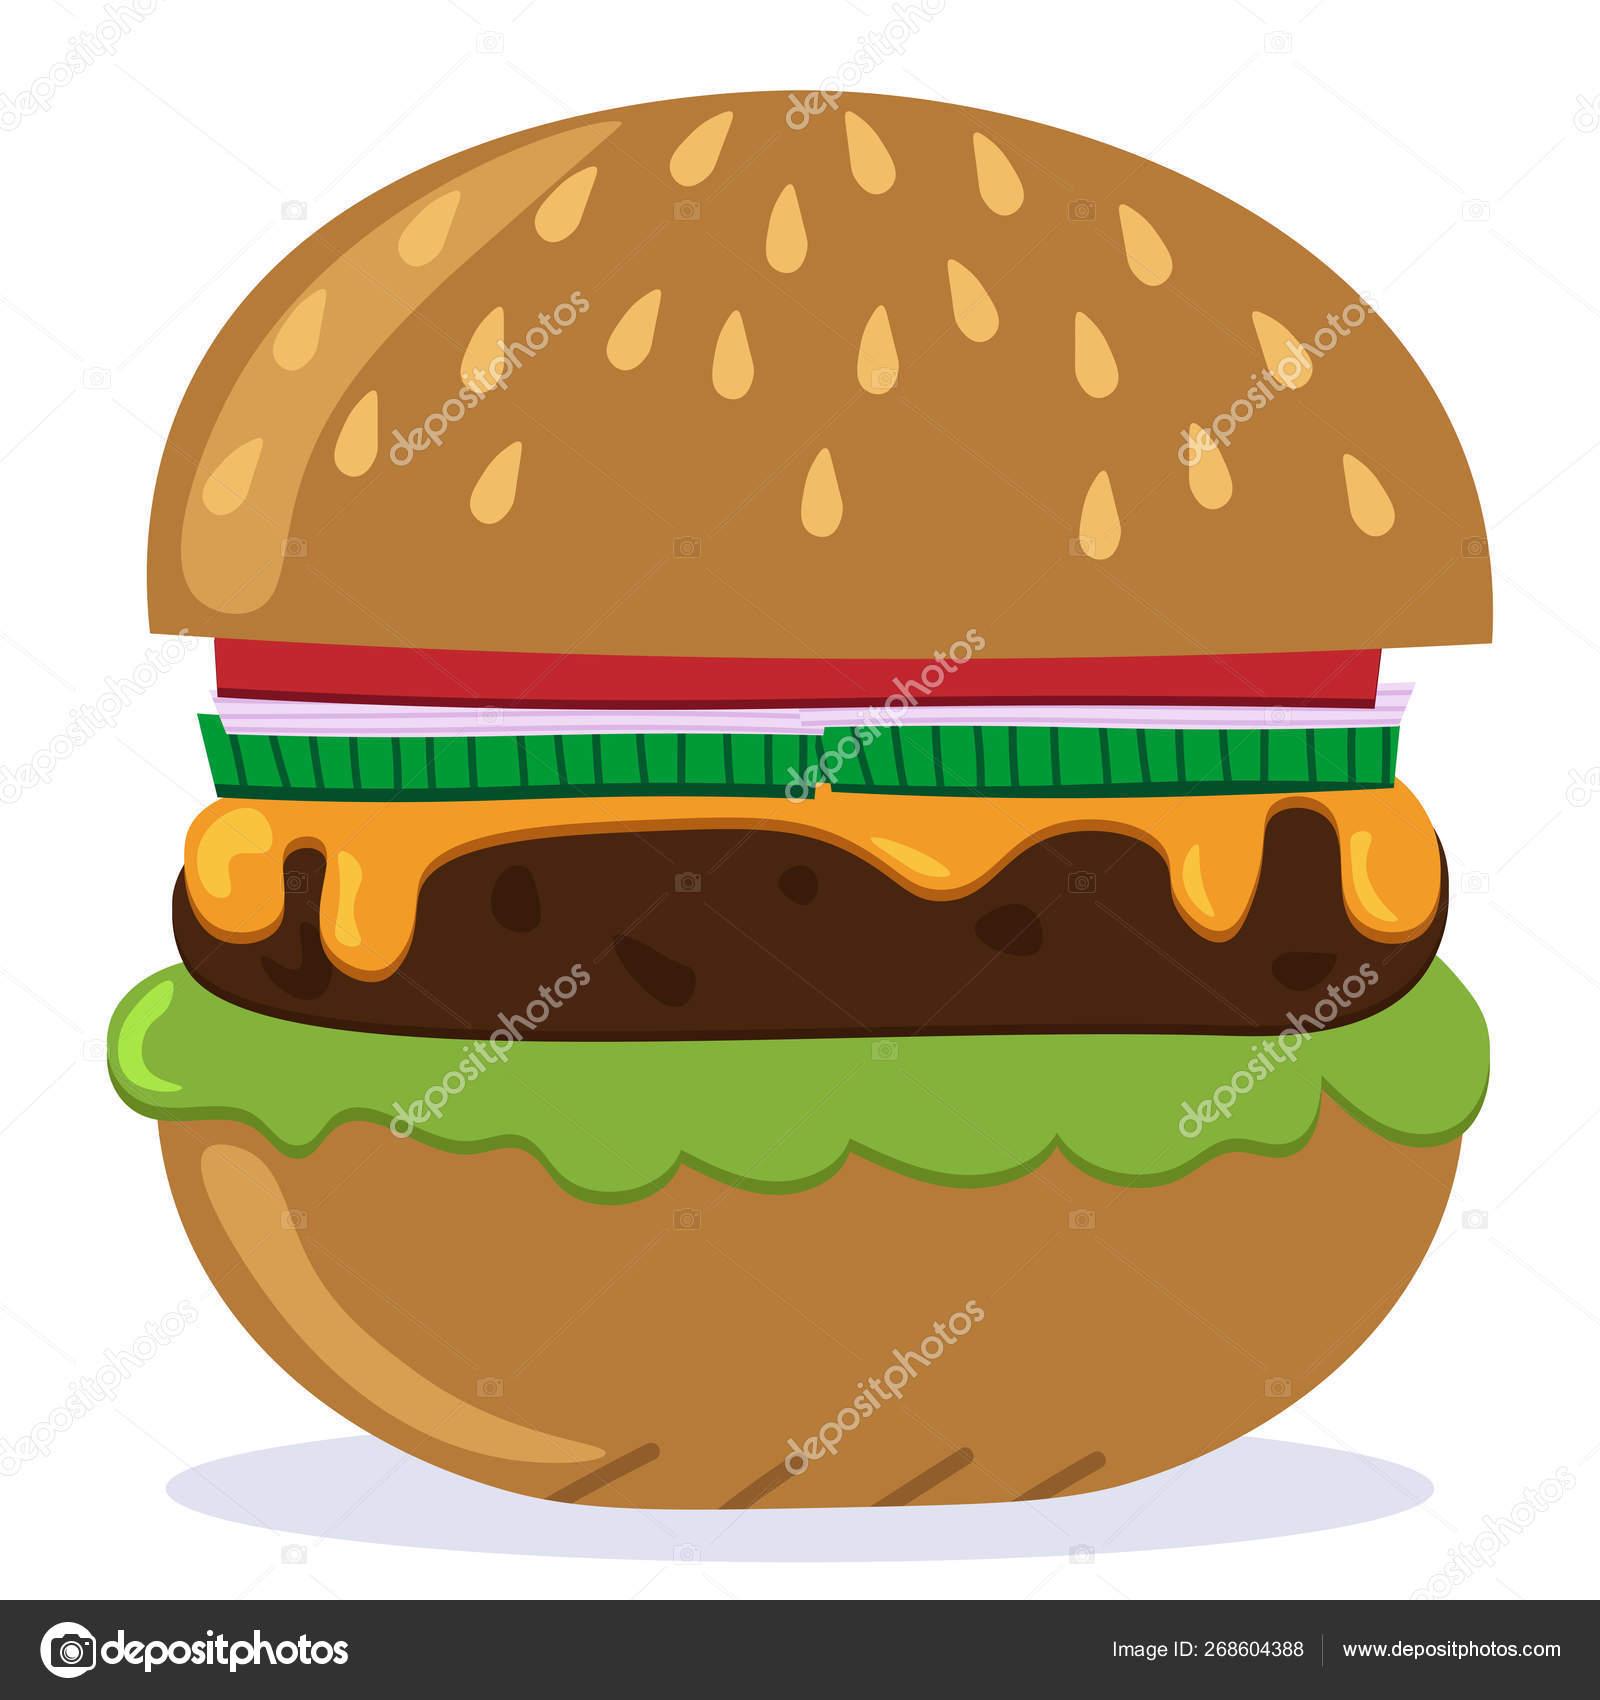 vector image hamburger cheeseburger